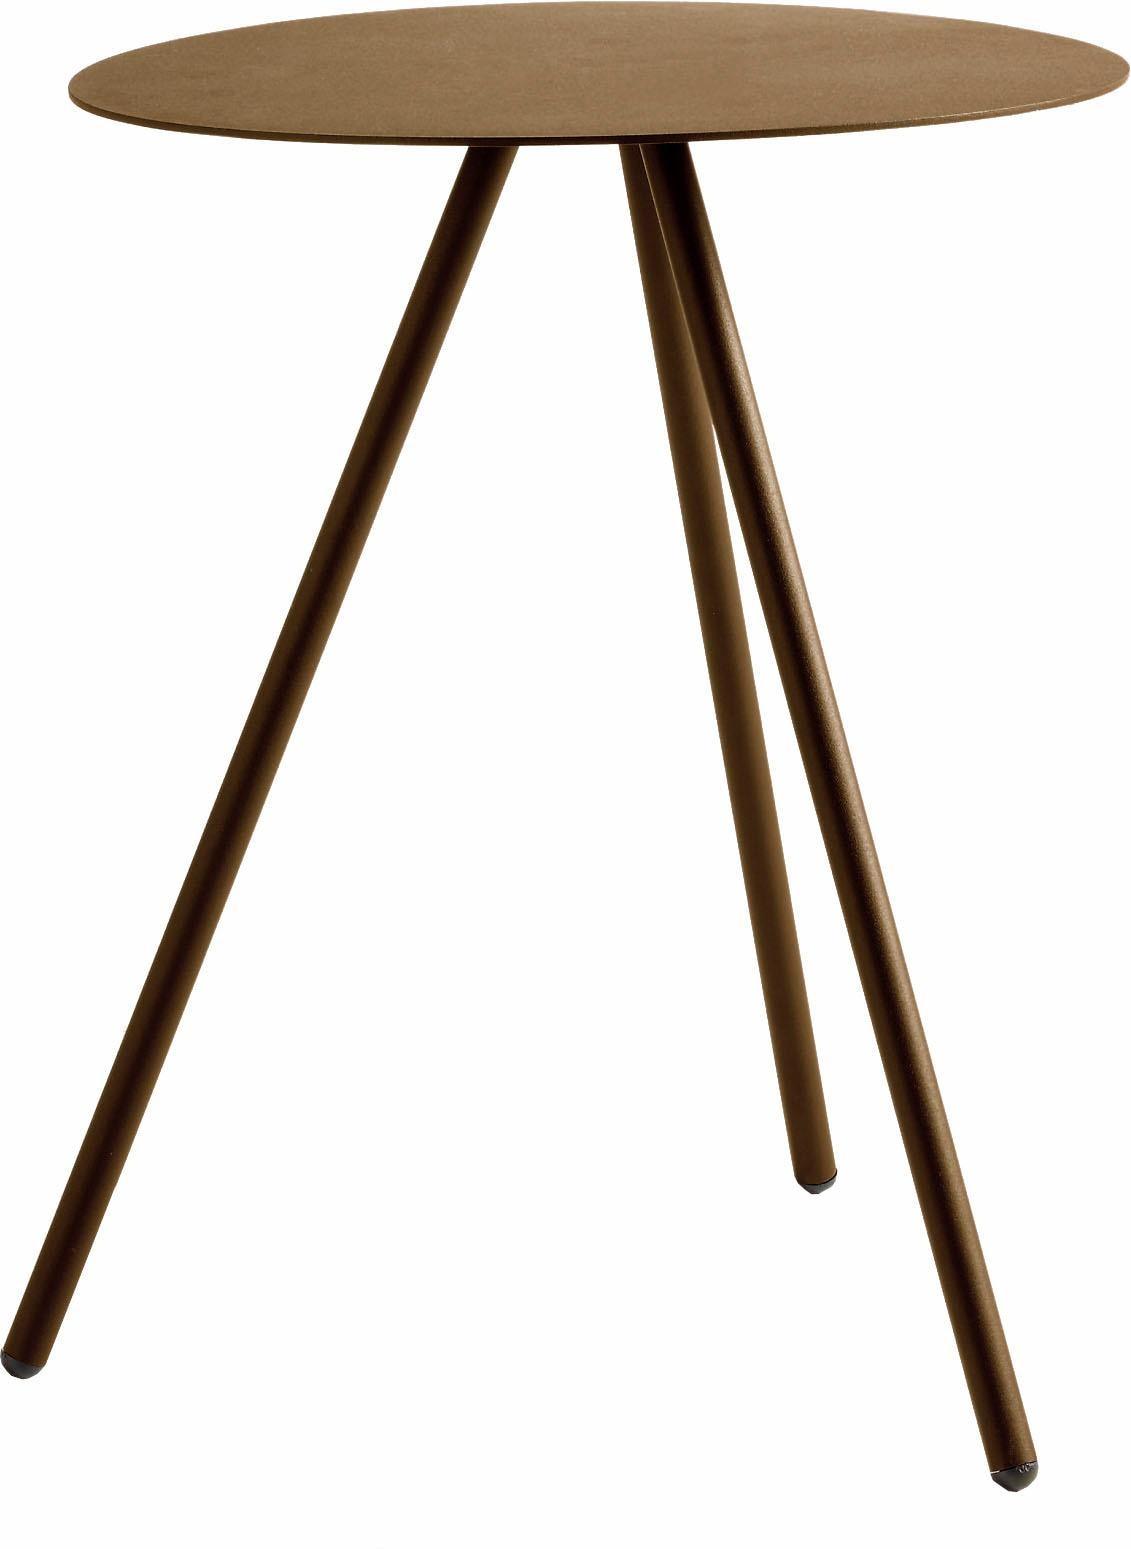 hülsta Beistelltisch MULTI - VARIS 02, aus Metall, Höhe 51 cm gelb Beistelltische Tische